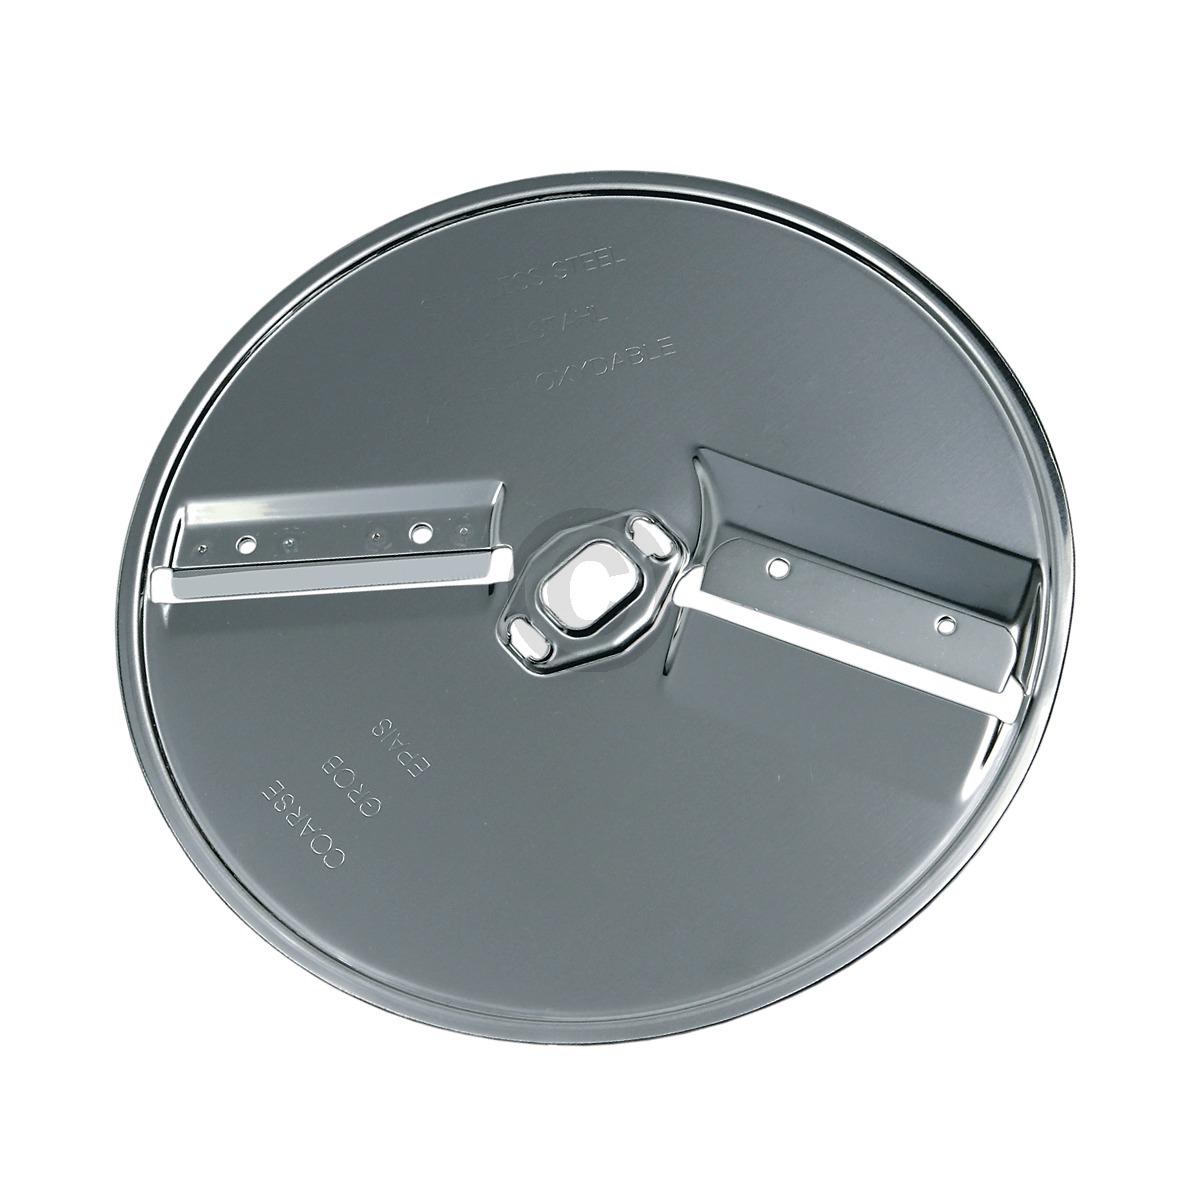 Schneidscheibe Bosch 00083576 Wendescheibe grob / fein für Durchlaufschnitzler